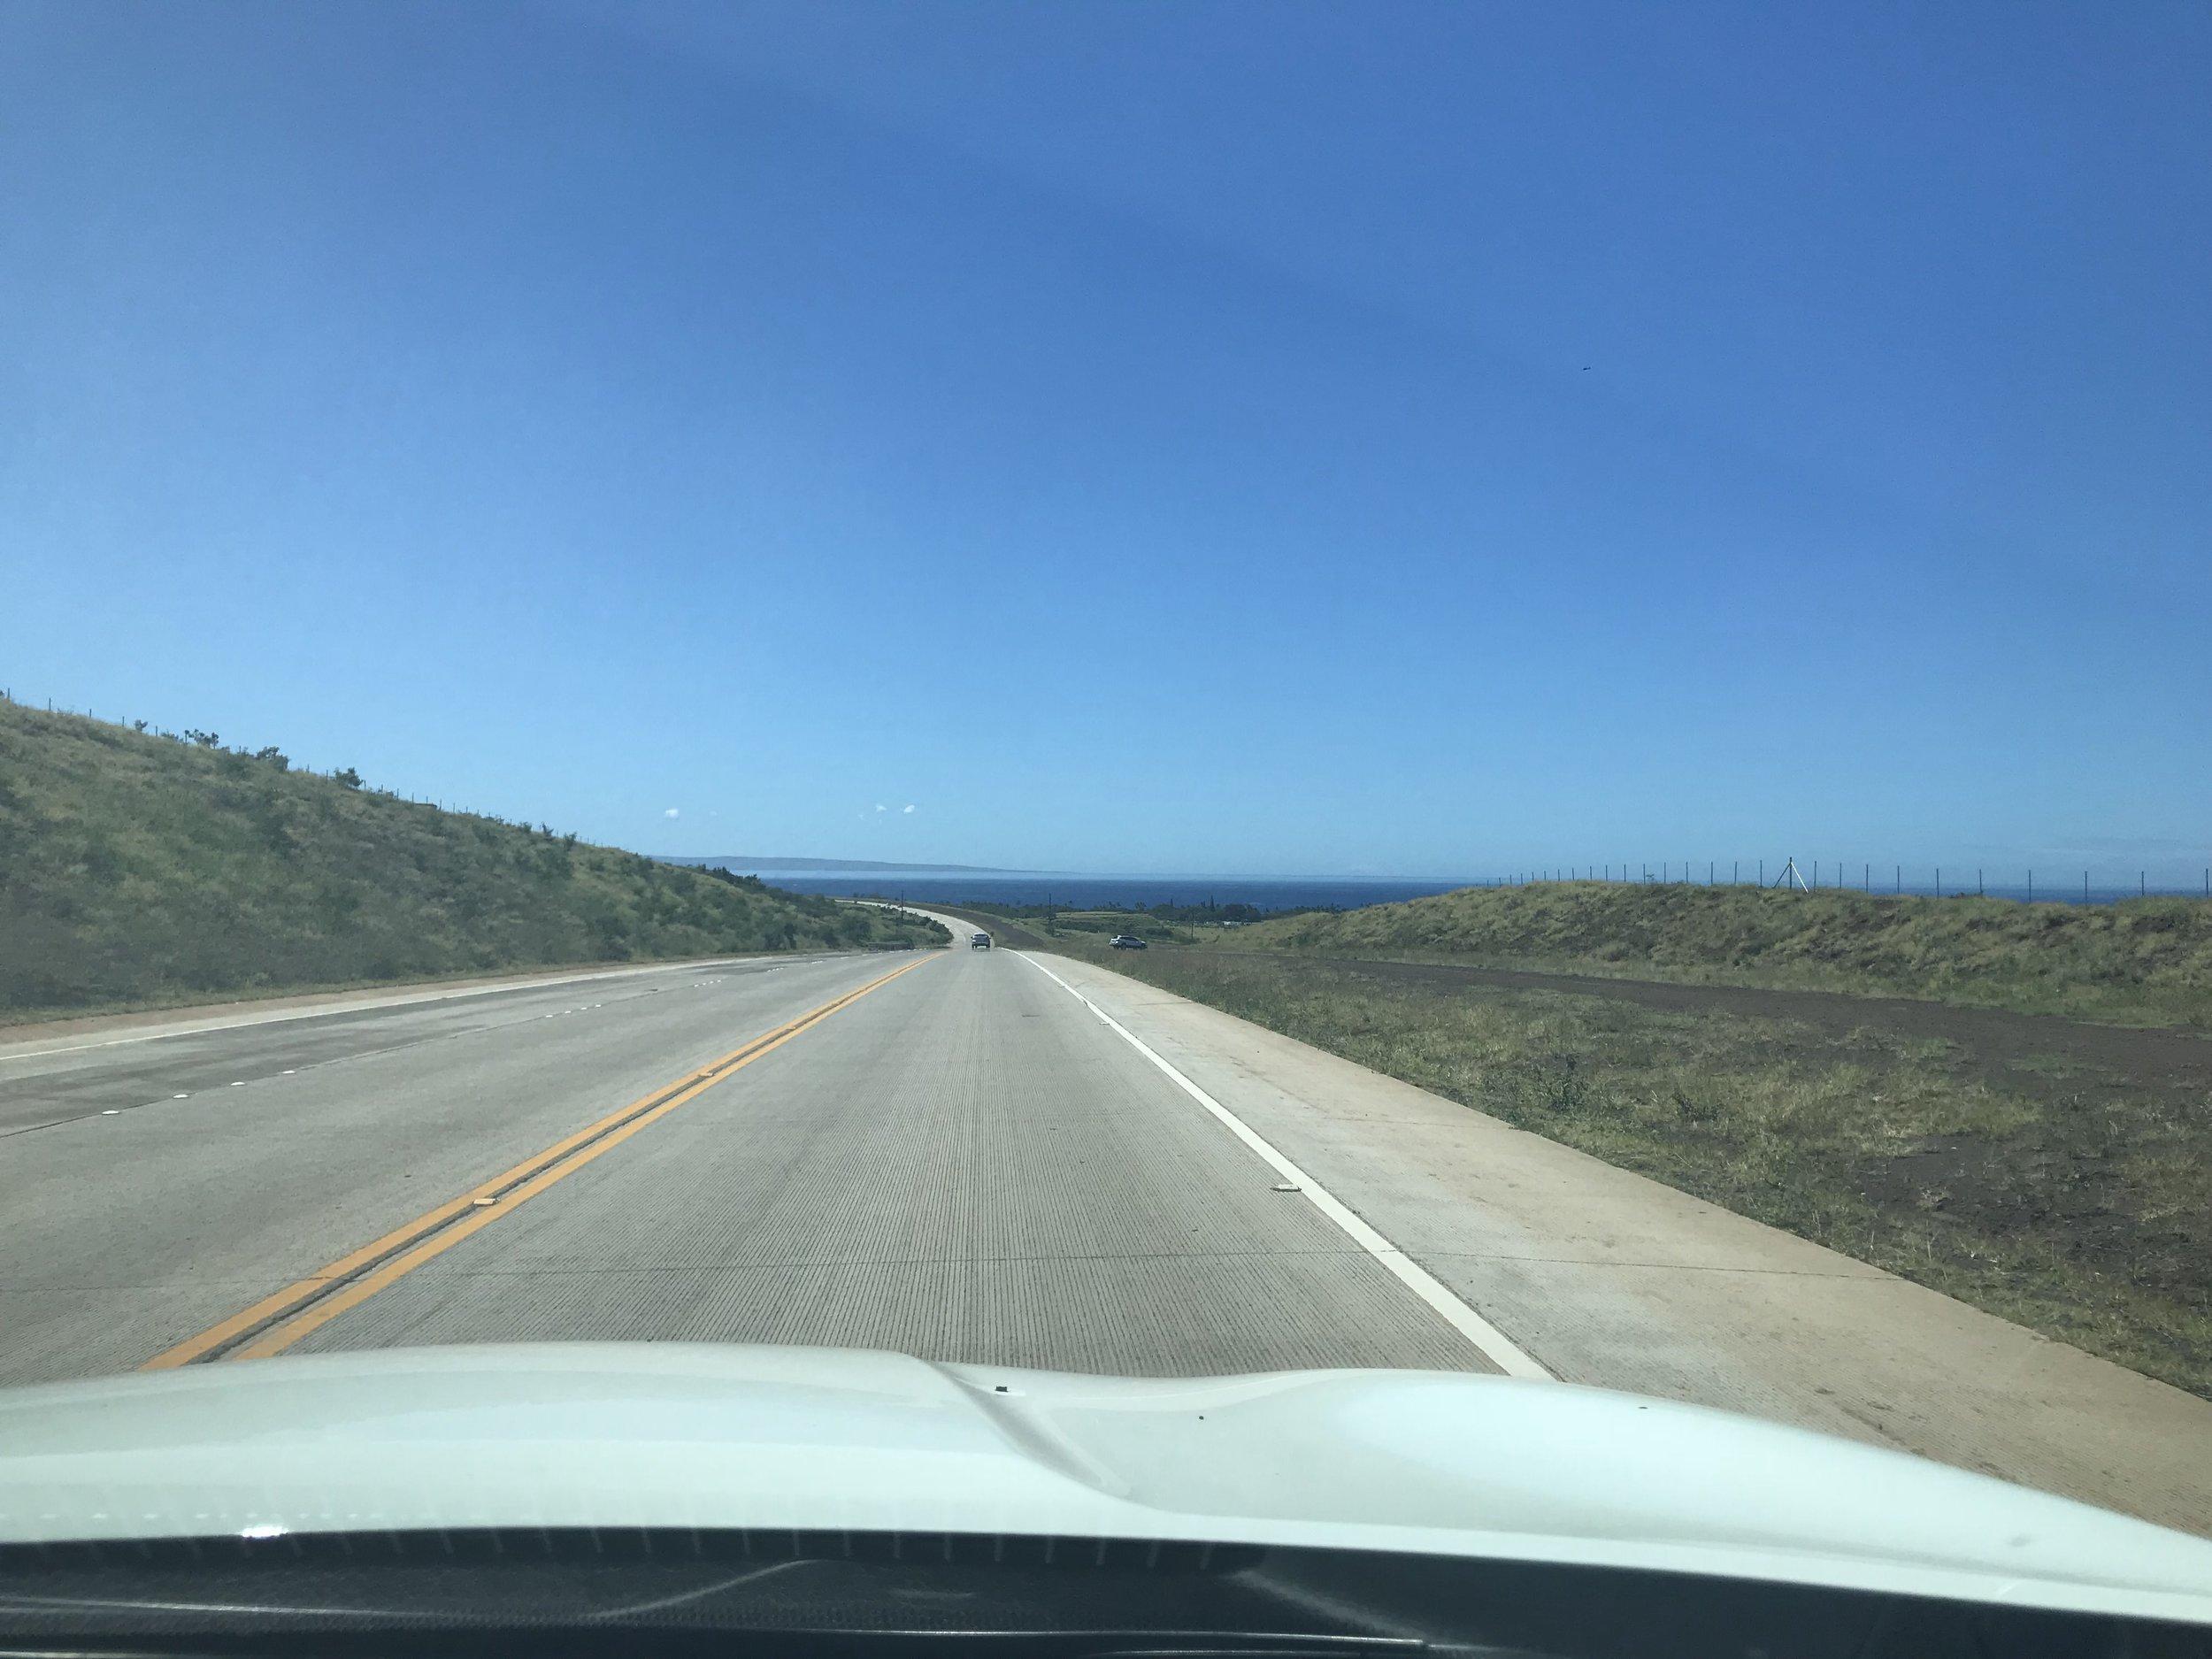 On Honoapiilani Highway.